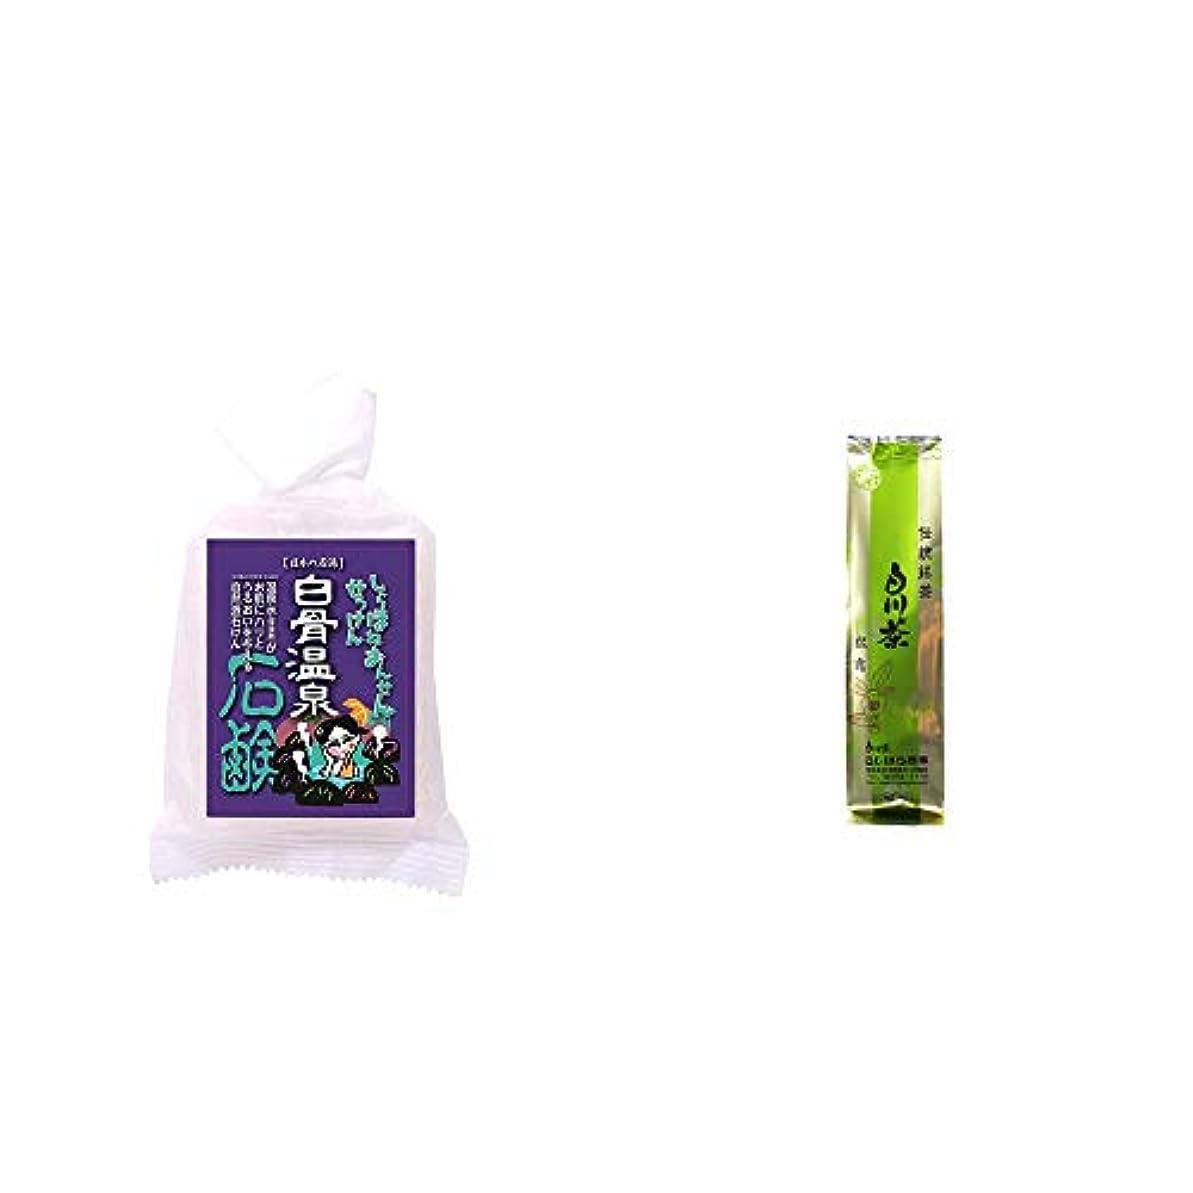 ショット充電つまずく[2点セット] 信州 白骨温泉石鹸(80g)?白川茶 伝統銘茶【松露】(180g)